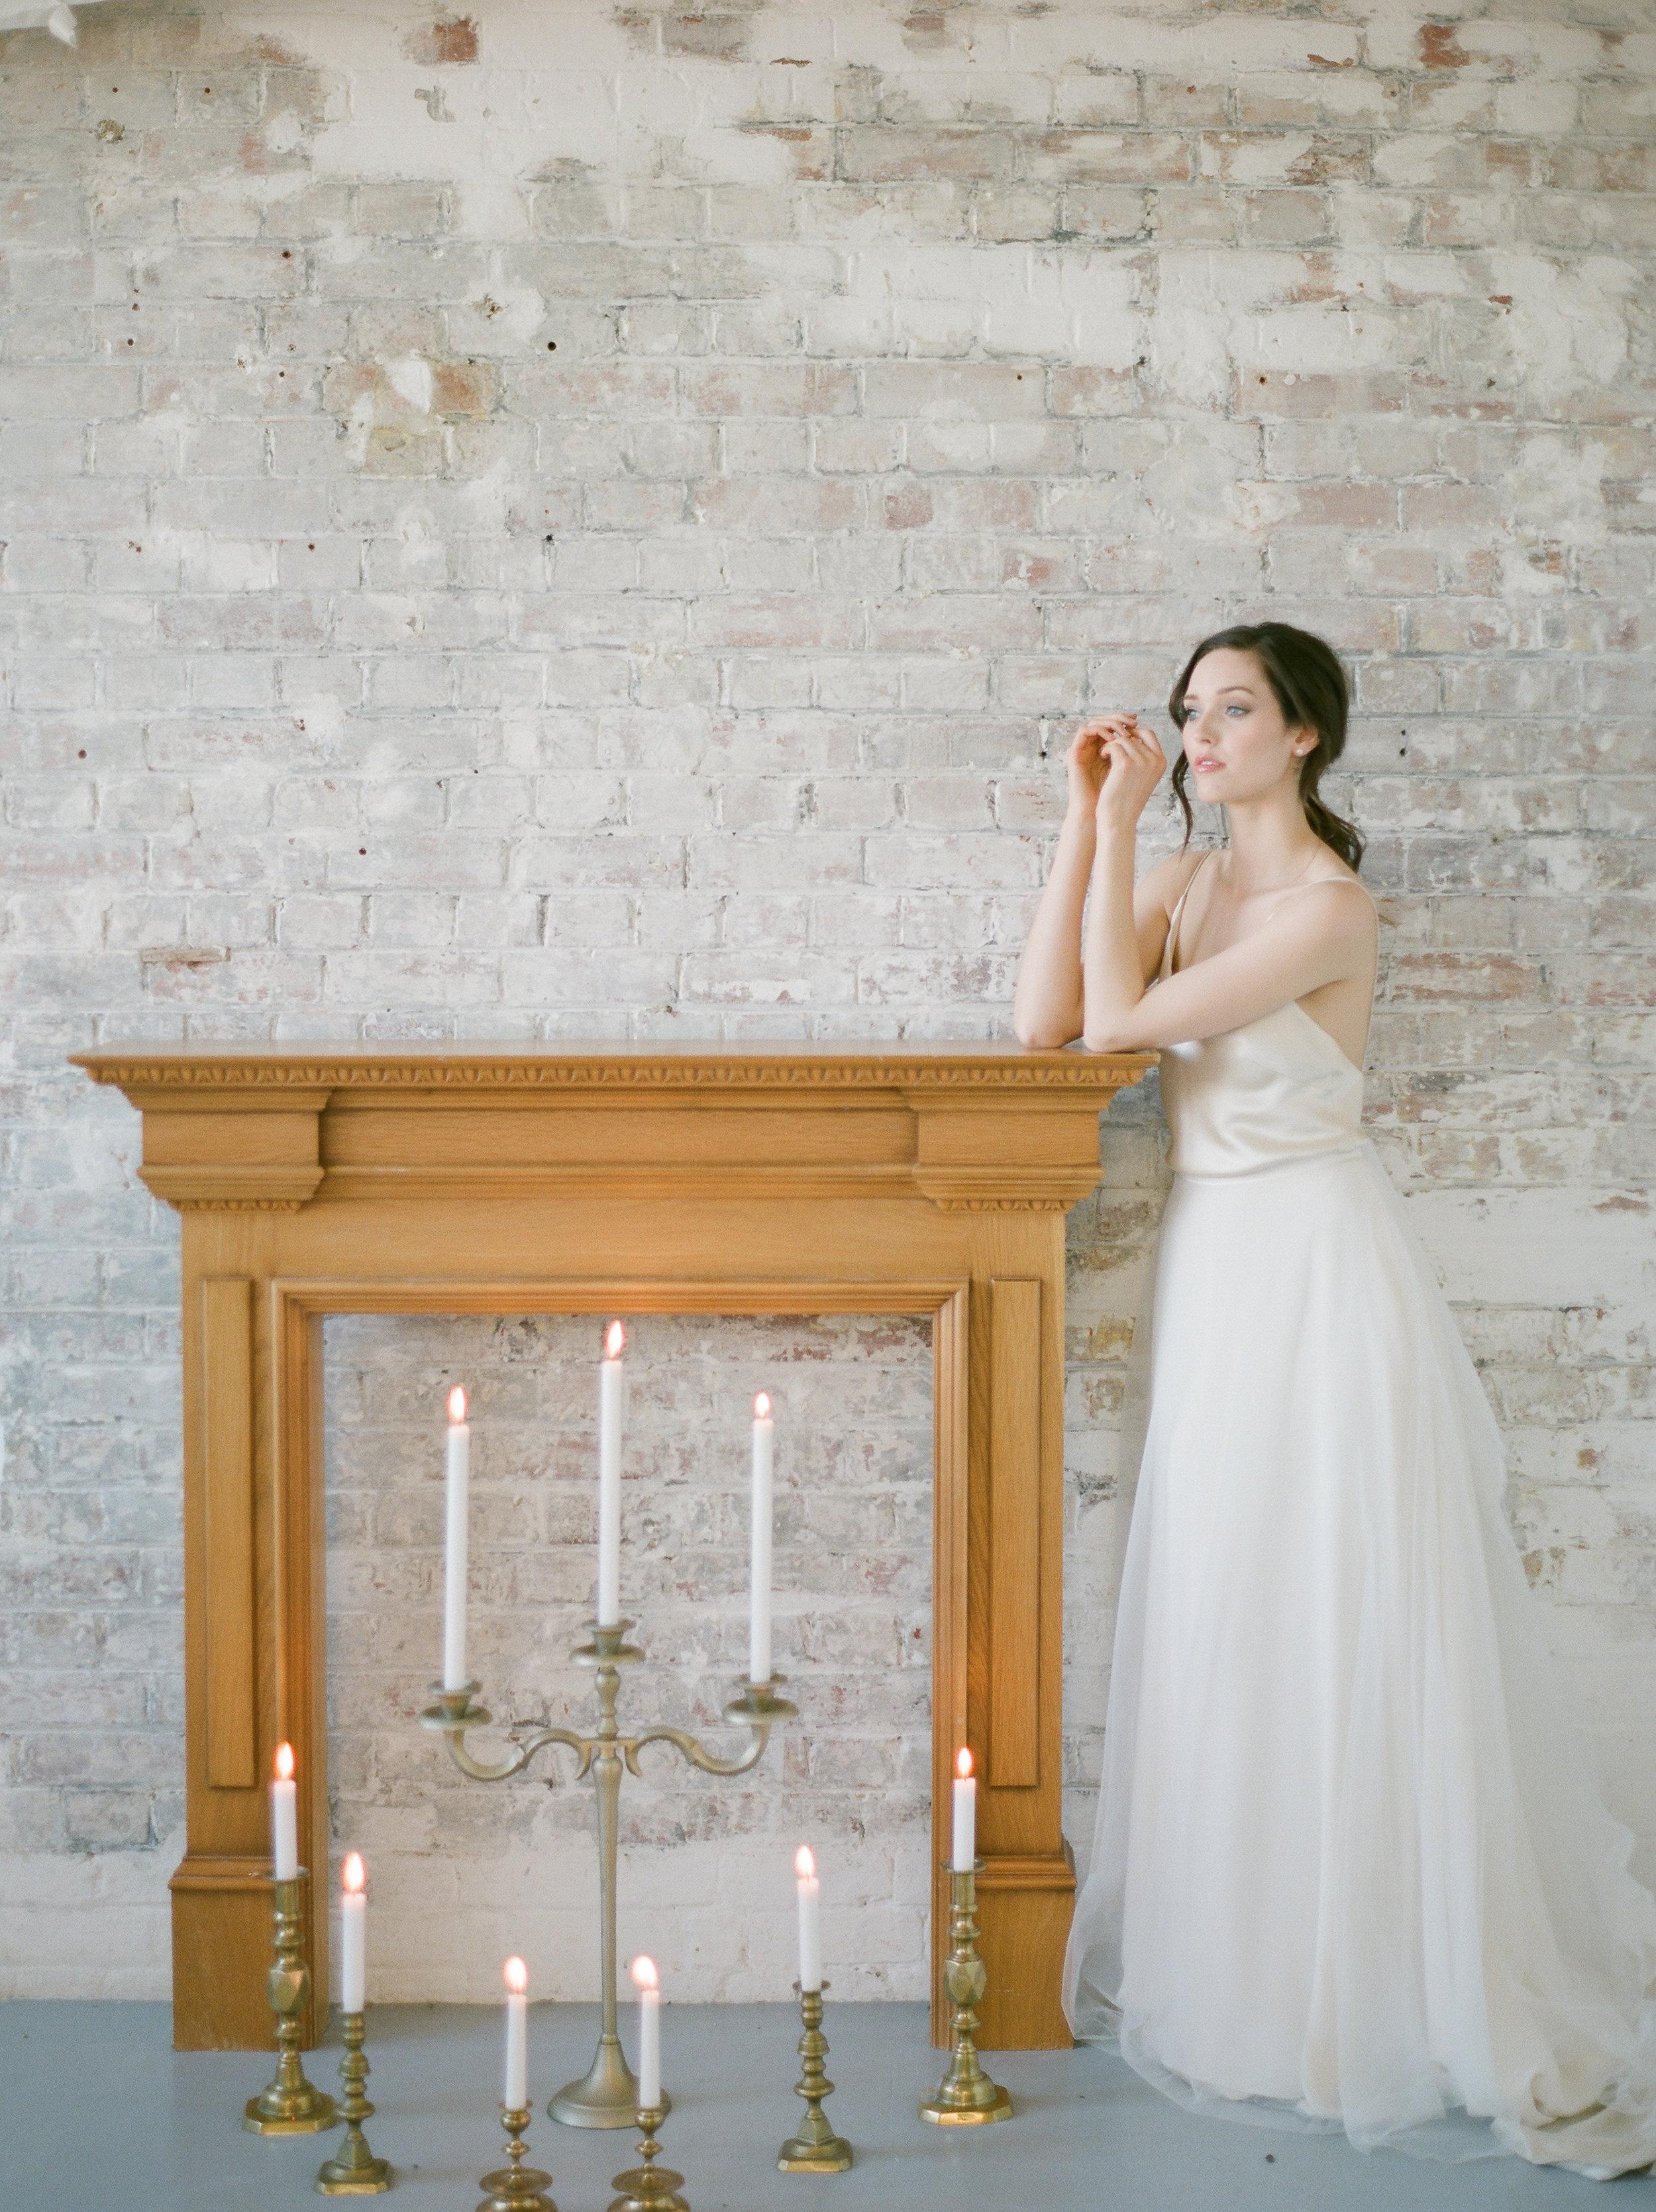 069 Fine_Art_Spring_Bridal-Film_Shoot_Julie_Michaelsen_Photography.jpg